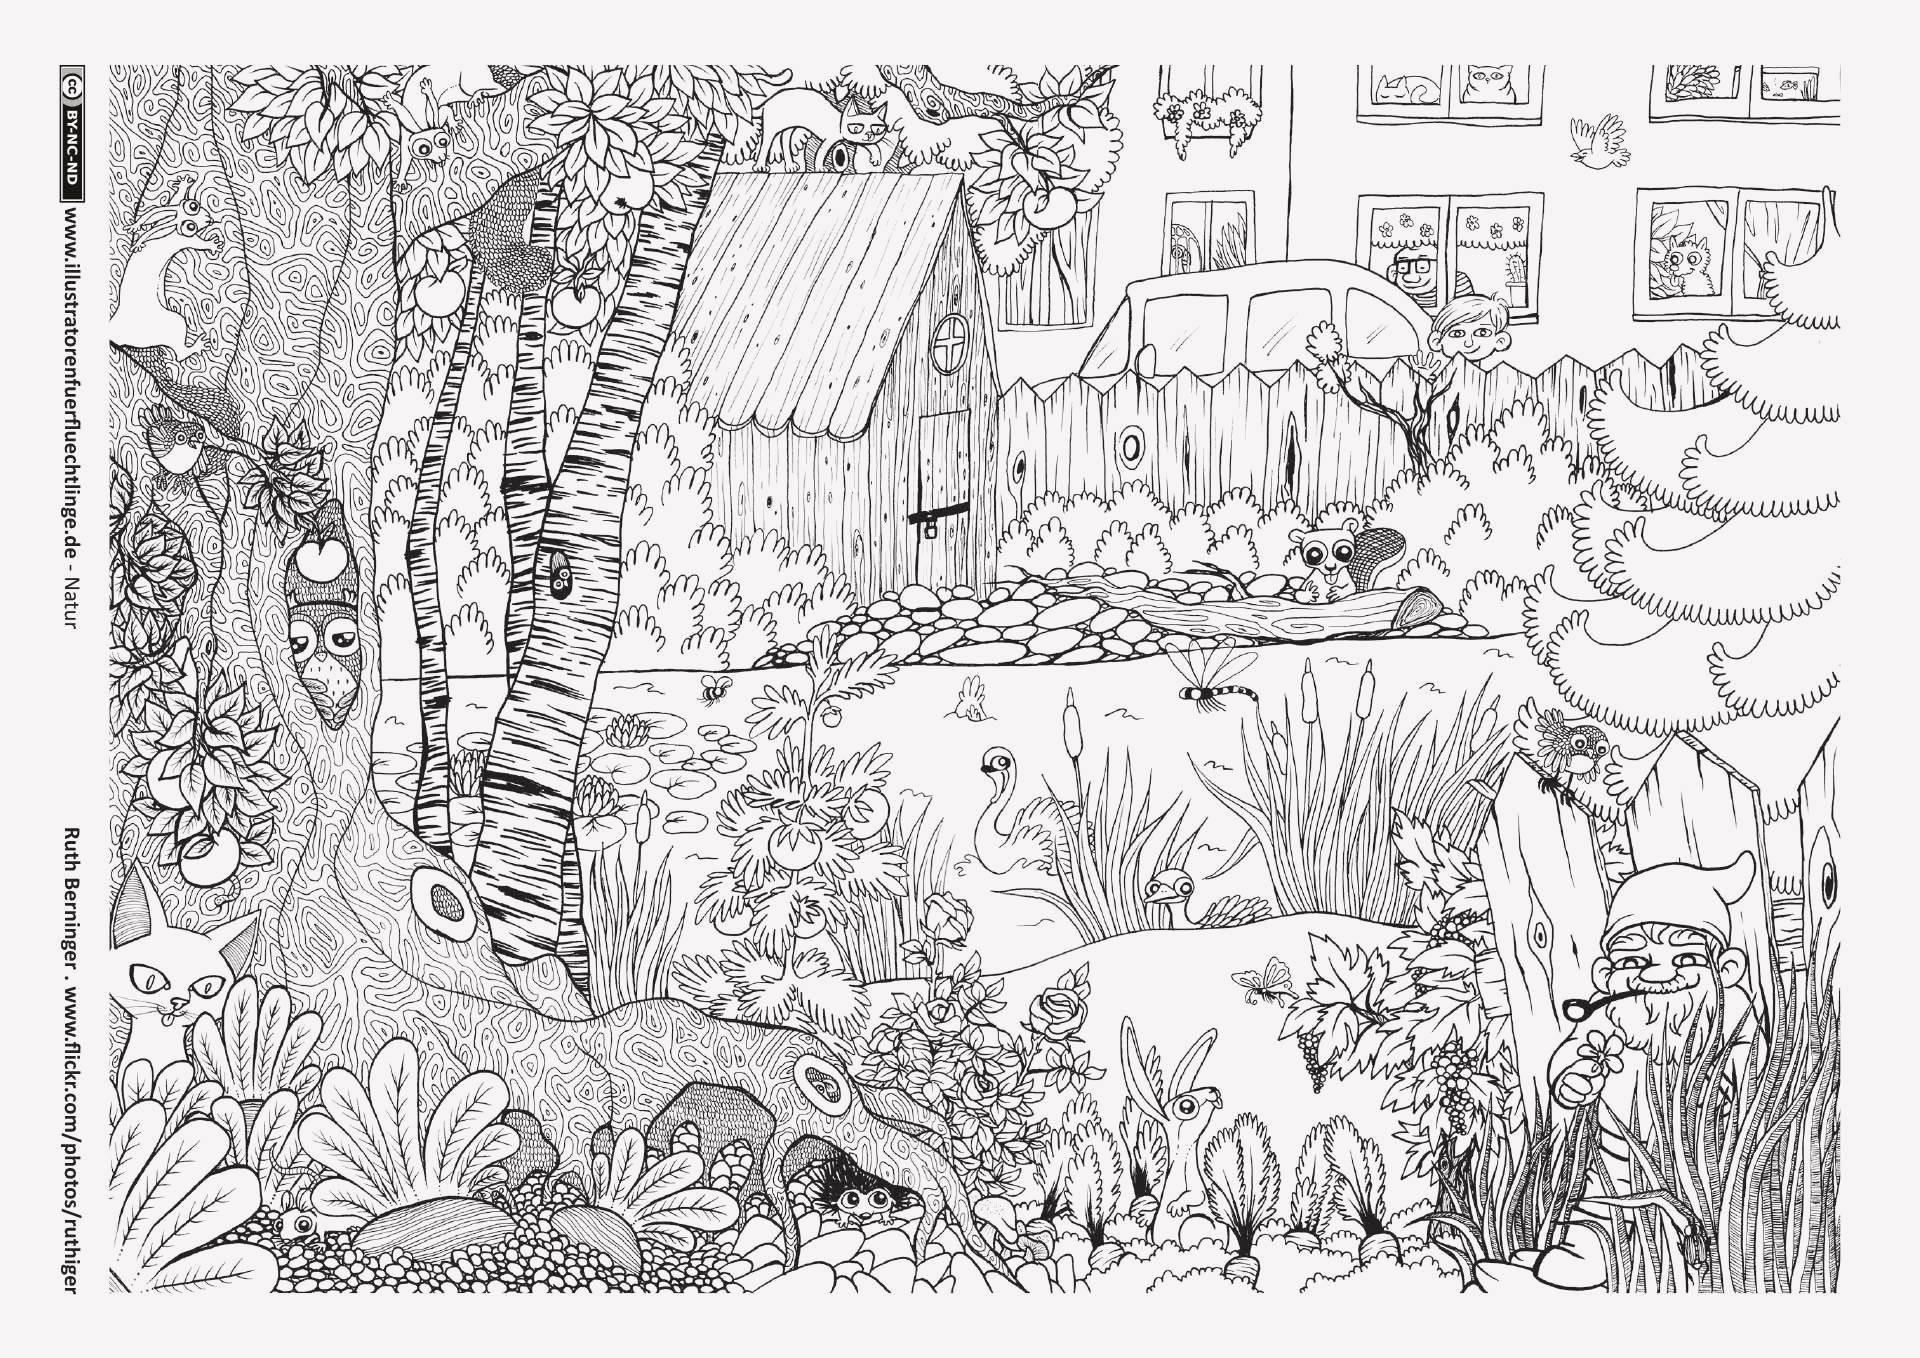 Ausmalbilder thema Wald Genial 25 Druckbar Ausmalbilder Tiere Im Wald Einzigartig Menschen Galerie